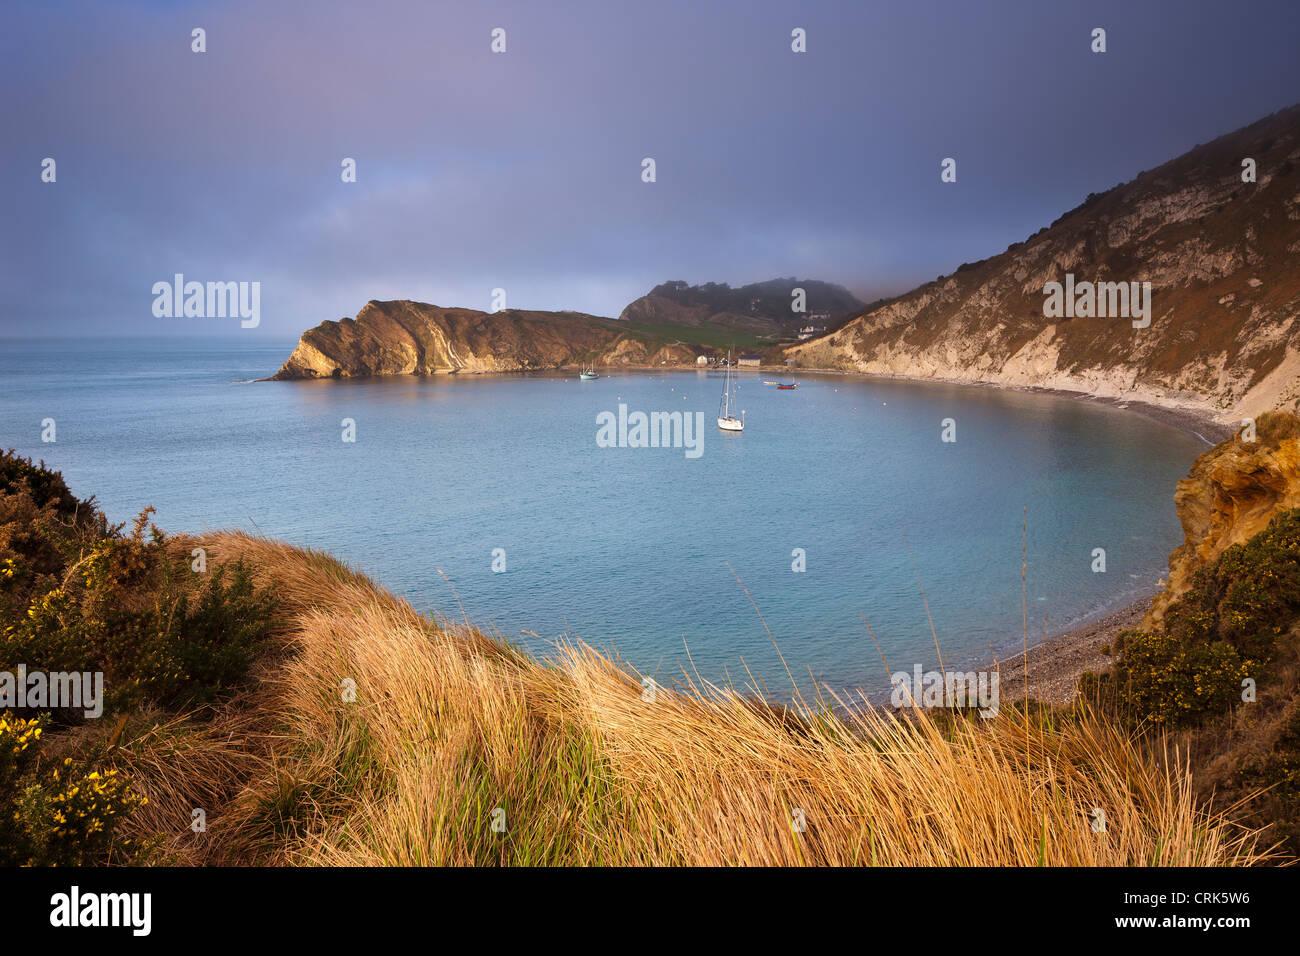 Lulworth Cove, Jurassic Coast, Dorset, England, UK - Stock Image